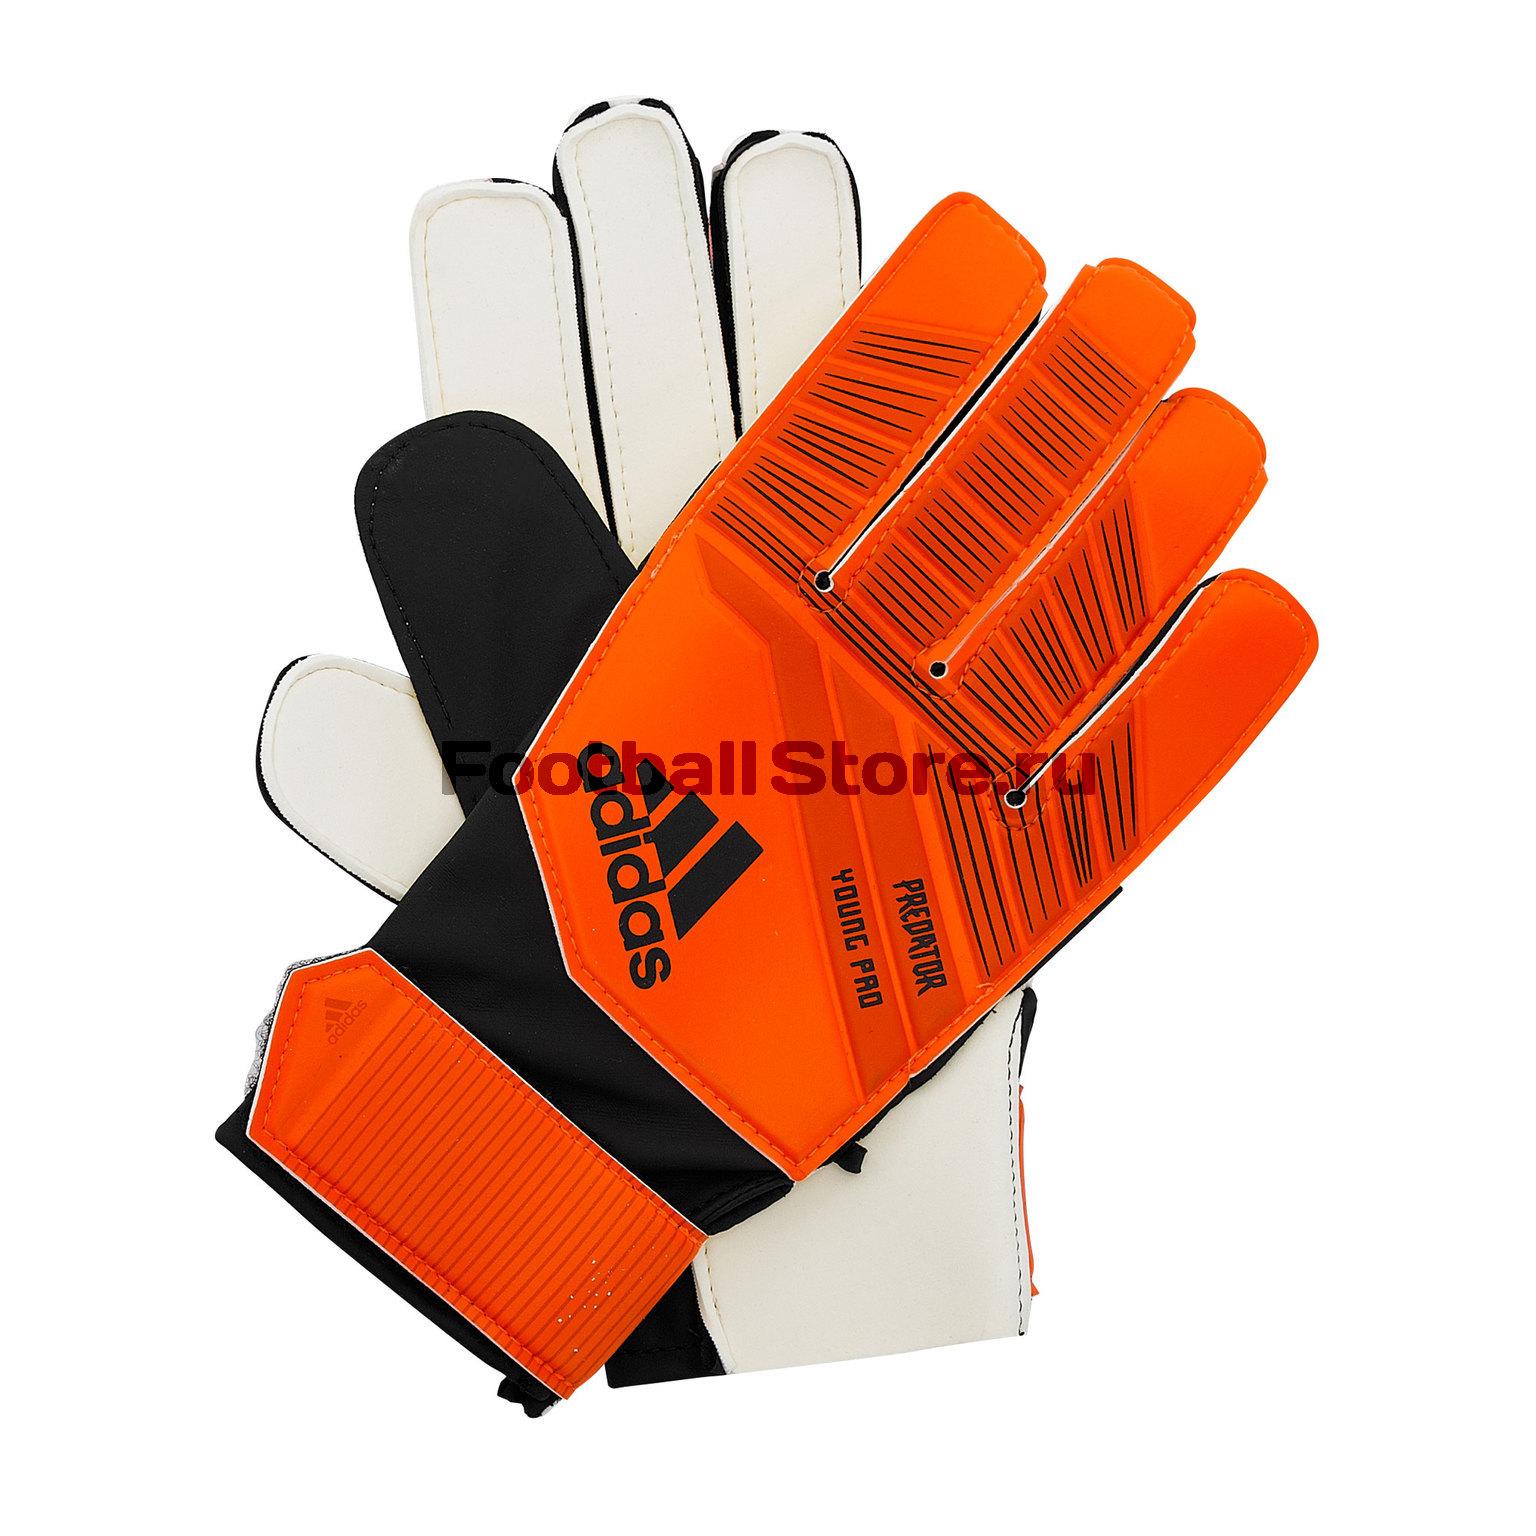 Перчатки вратарские детские Adidas Predator DN8559 перчатки вратарские adidas classic lite ap7011